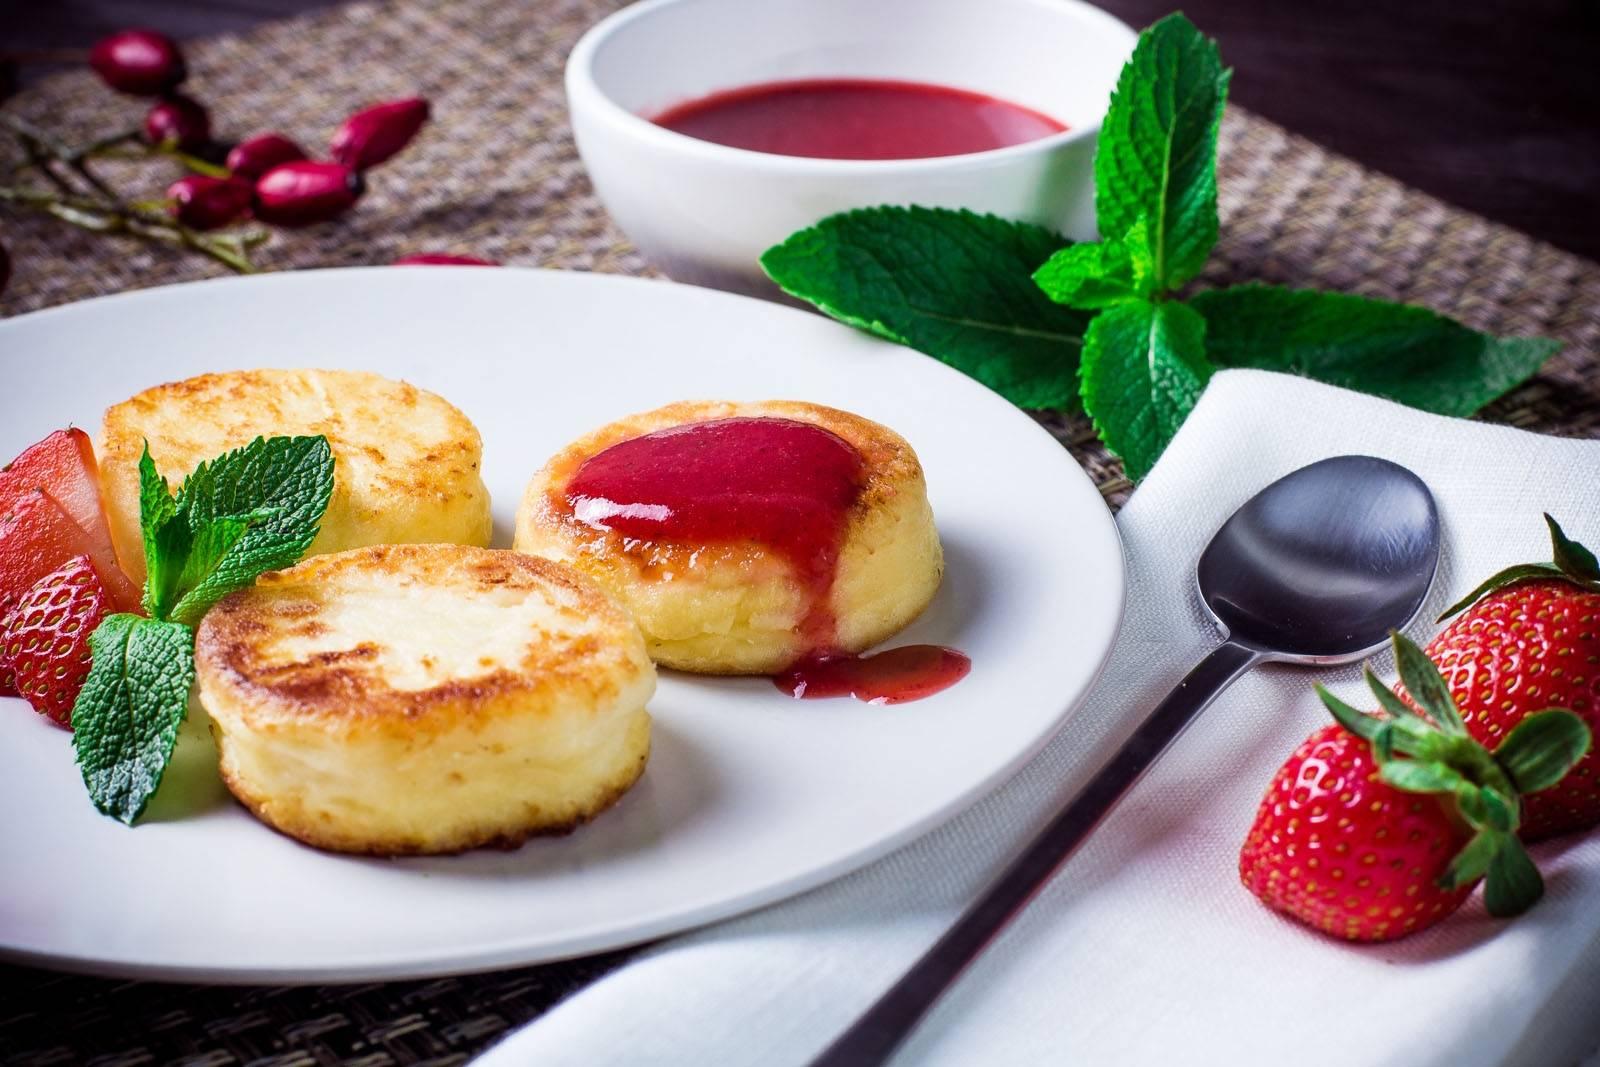 Завтрак Из Творога Диета. 16 блюд для диетического завтрака. Вкусные и полезные рецепты для похудения